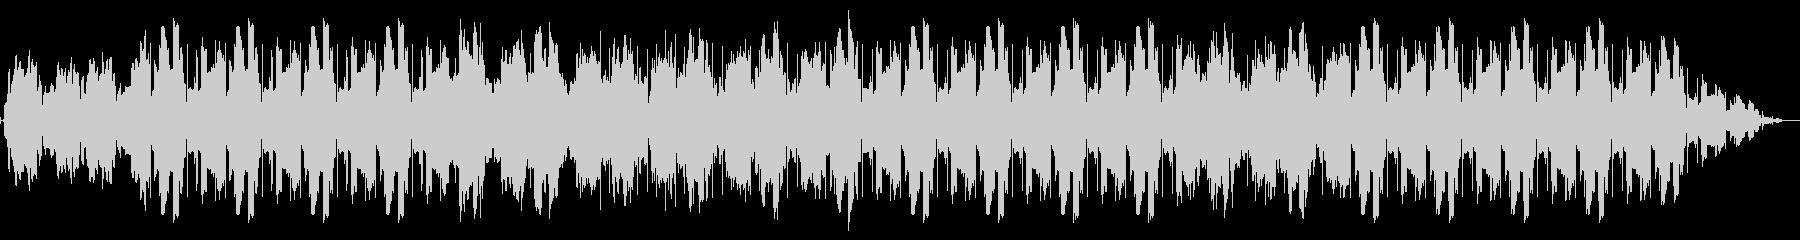 Reverse playback slow Lofi vague past's unreproduced waveform